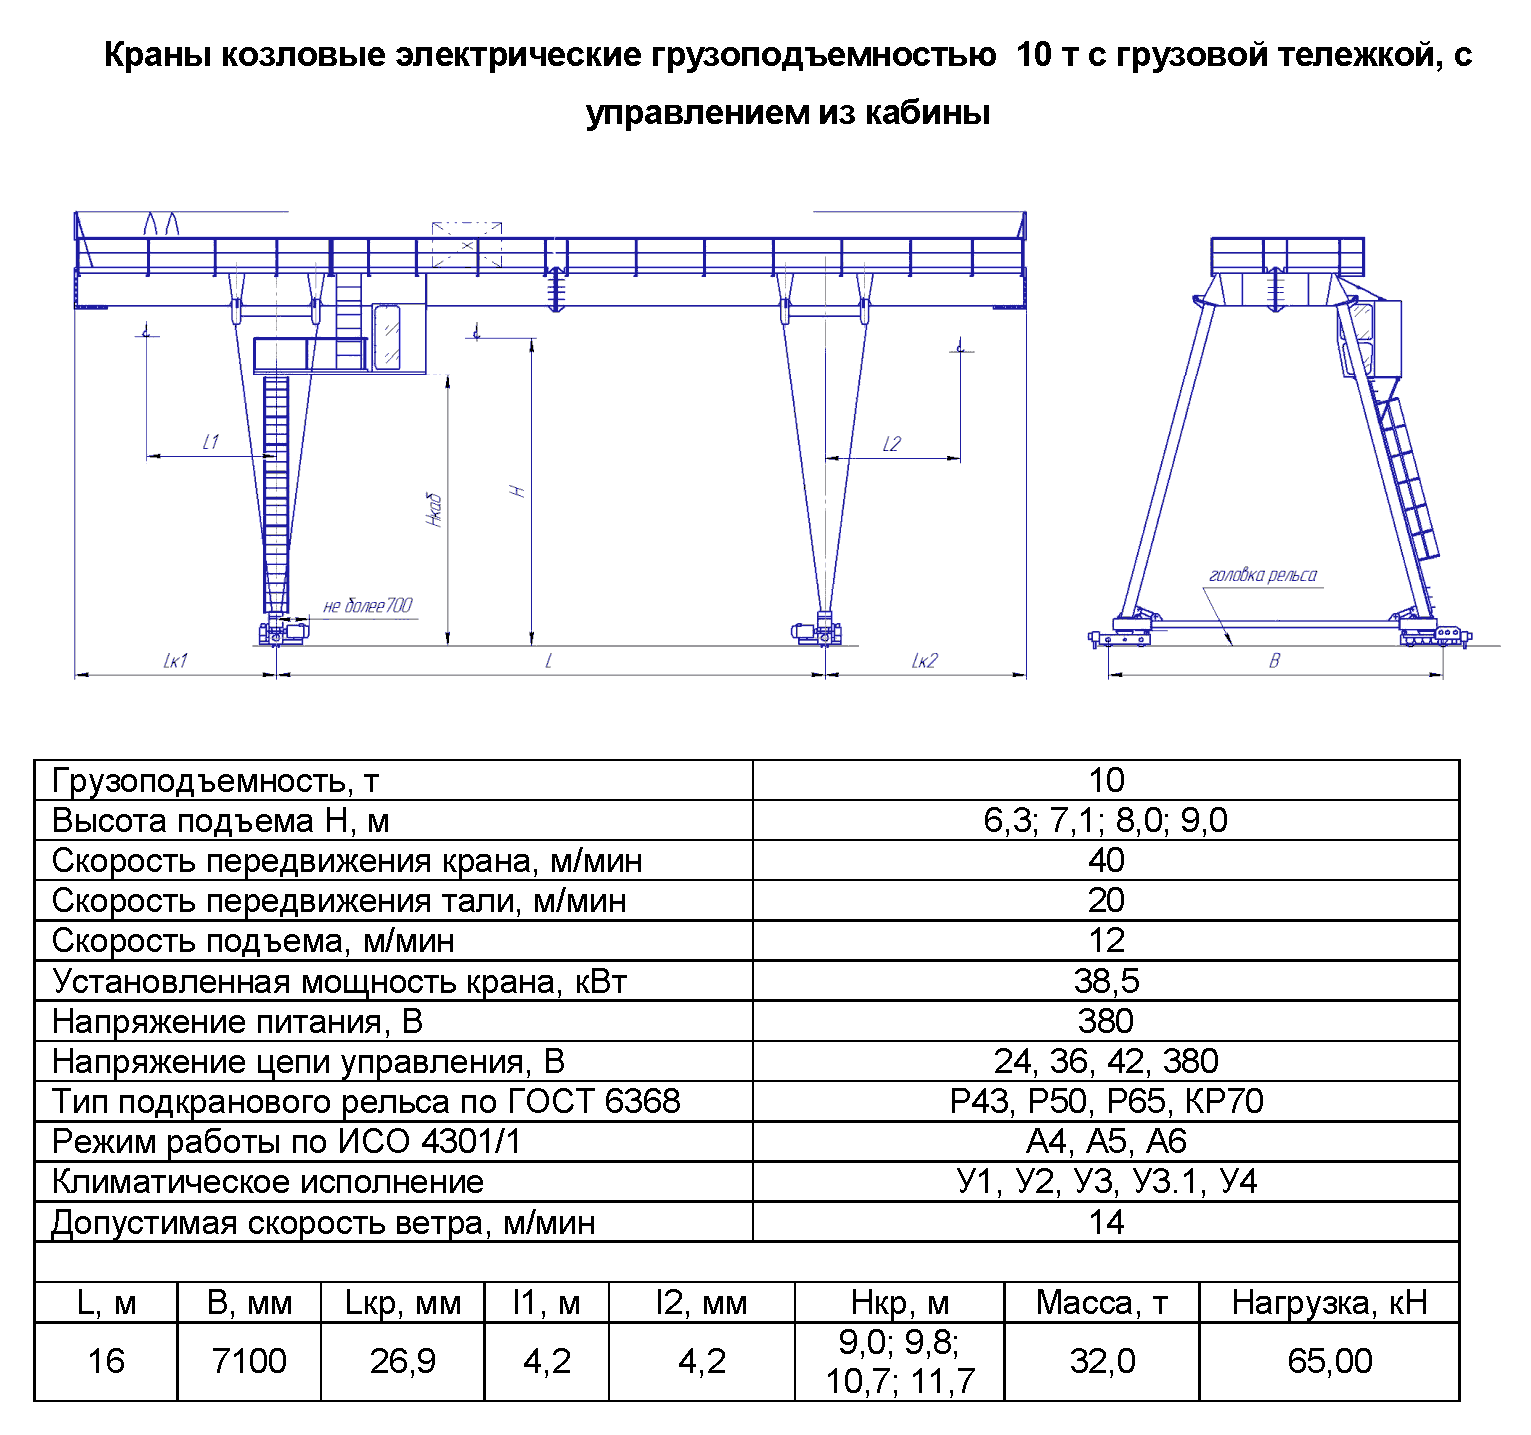 KKD 10 160 - Кран козловой электрический двухбалочный